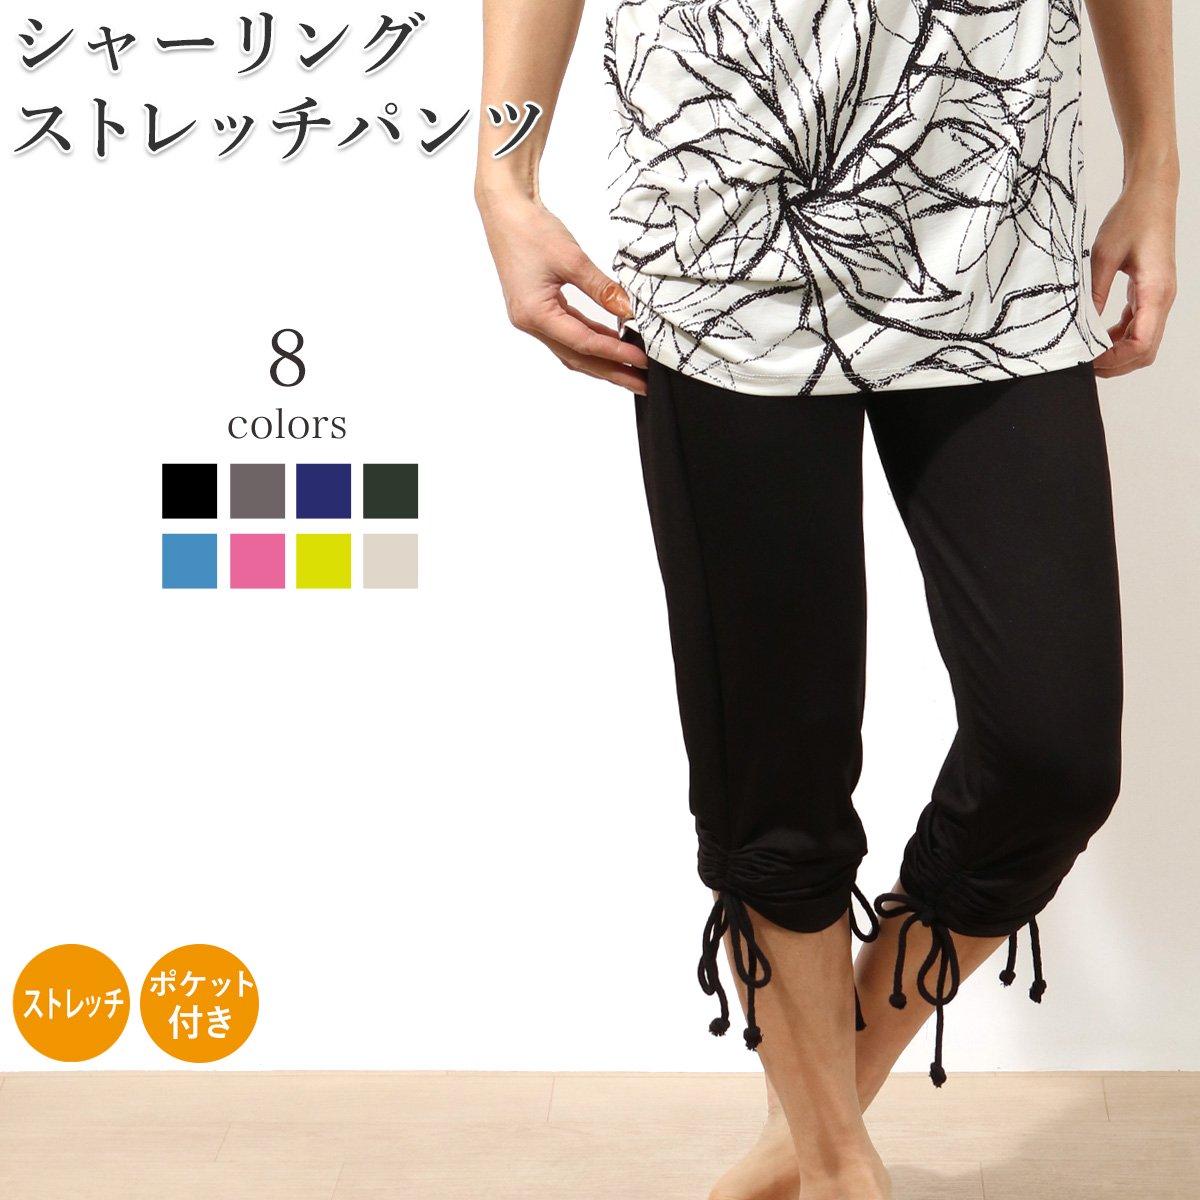 裾ひも調整可能な7分丈裾ヒモ美脚シャーリングパンツ 全8色 2サイズ ヨガウェア ヨガパンツ【ヨガボトム】